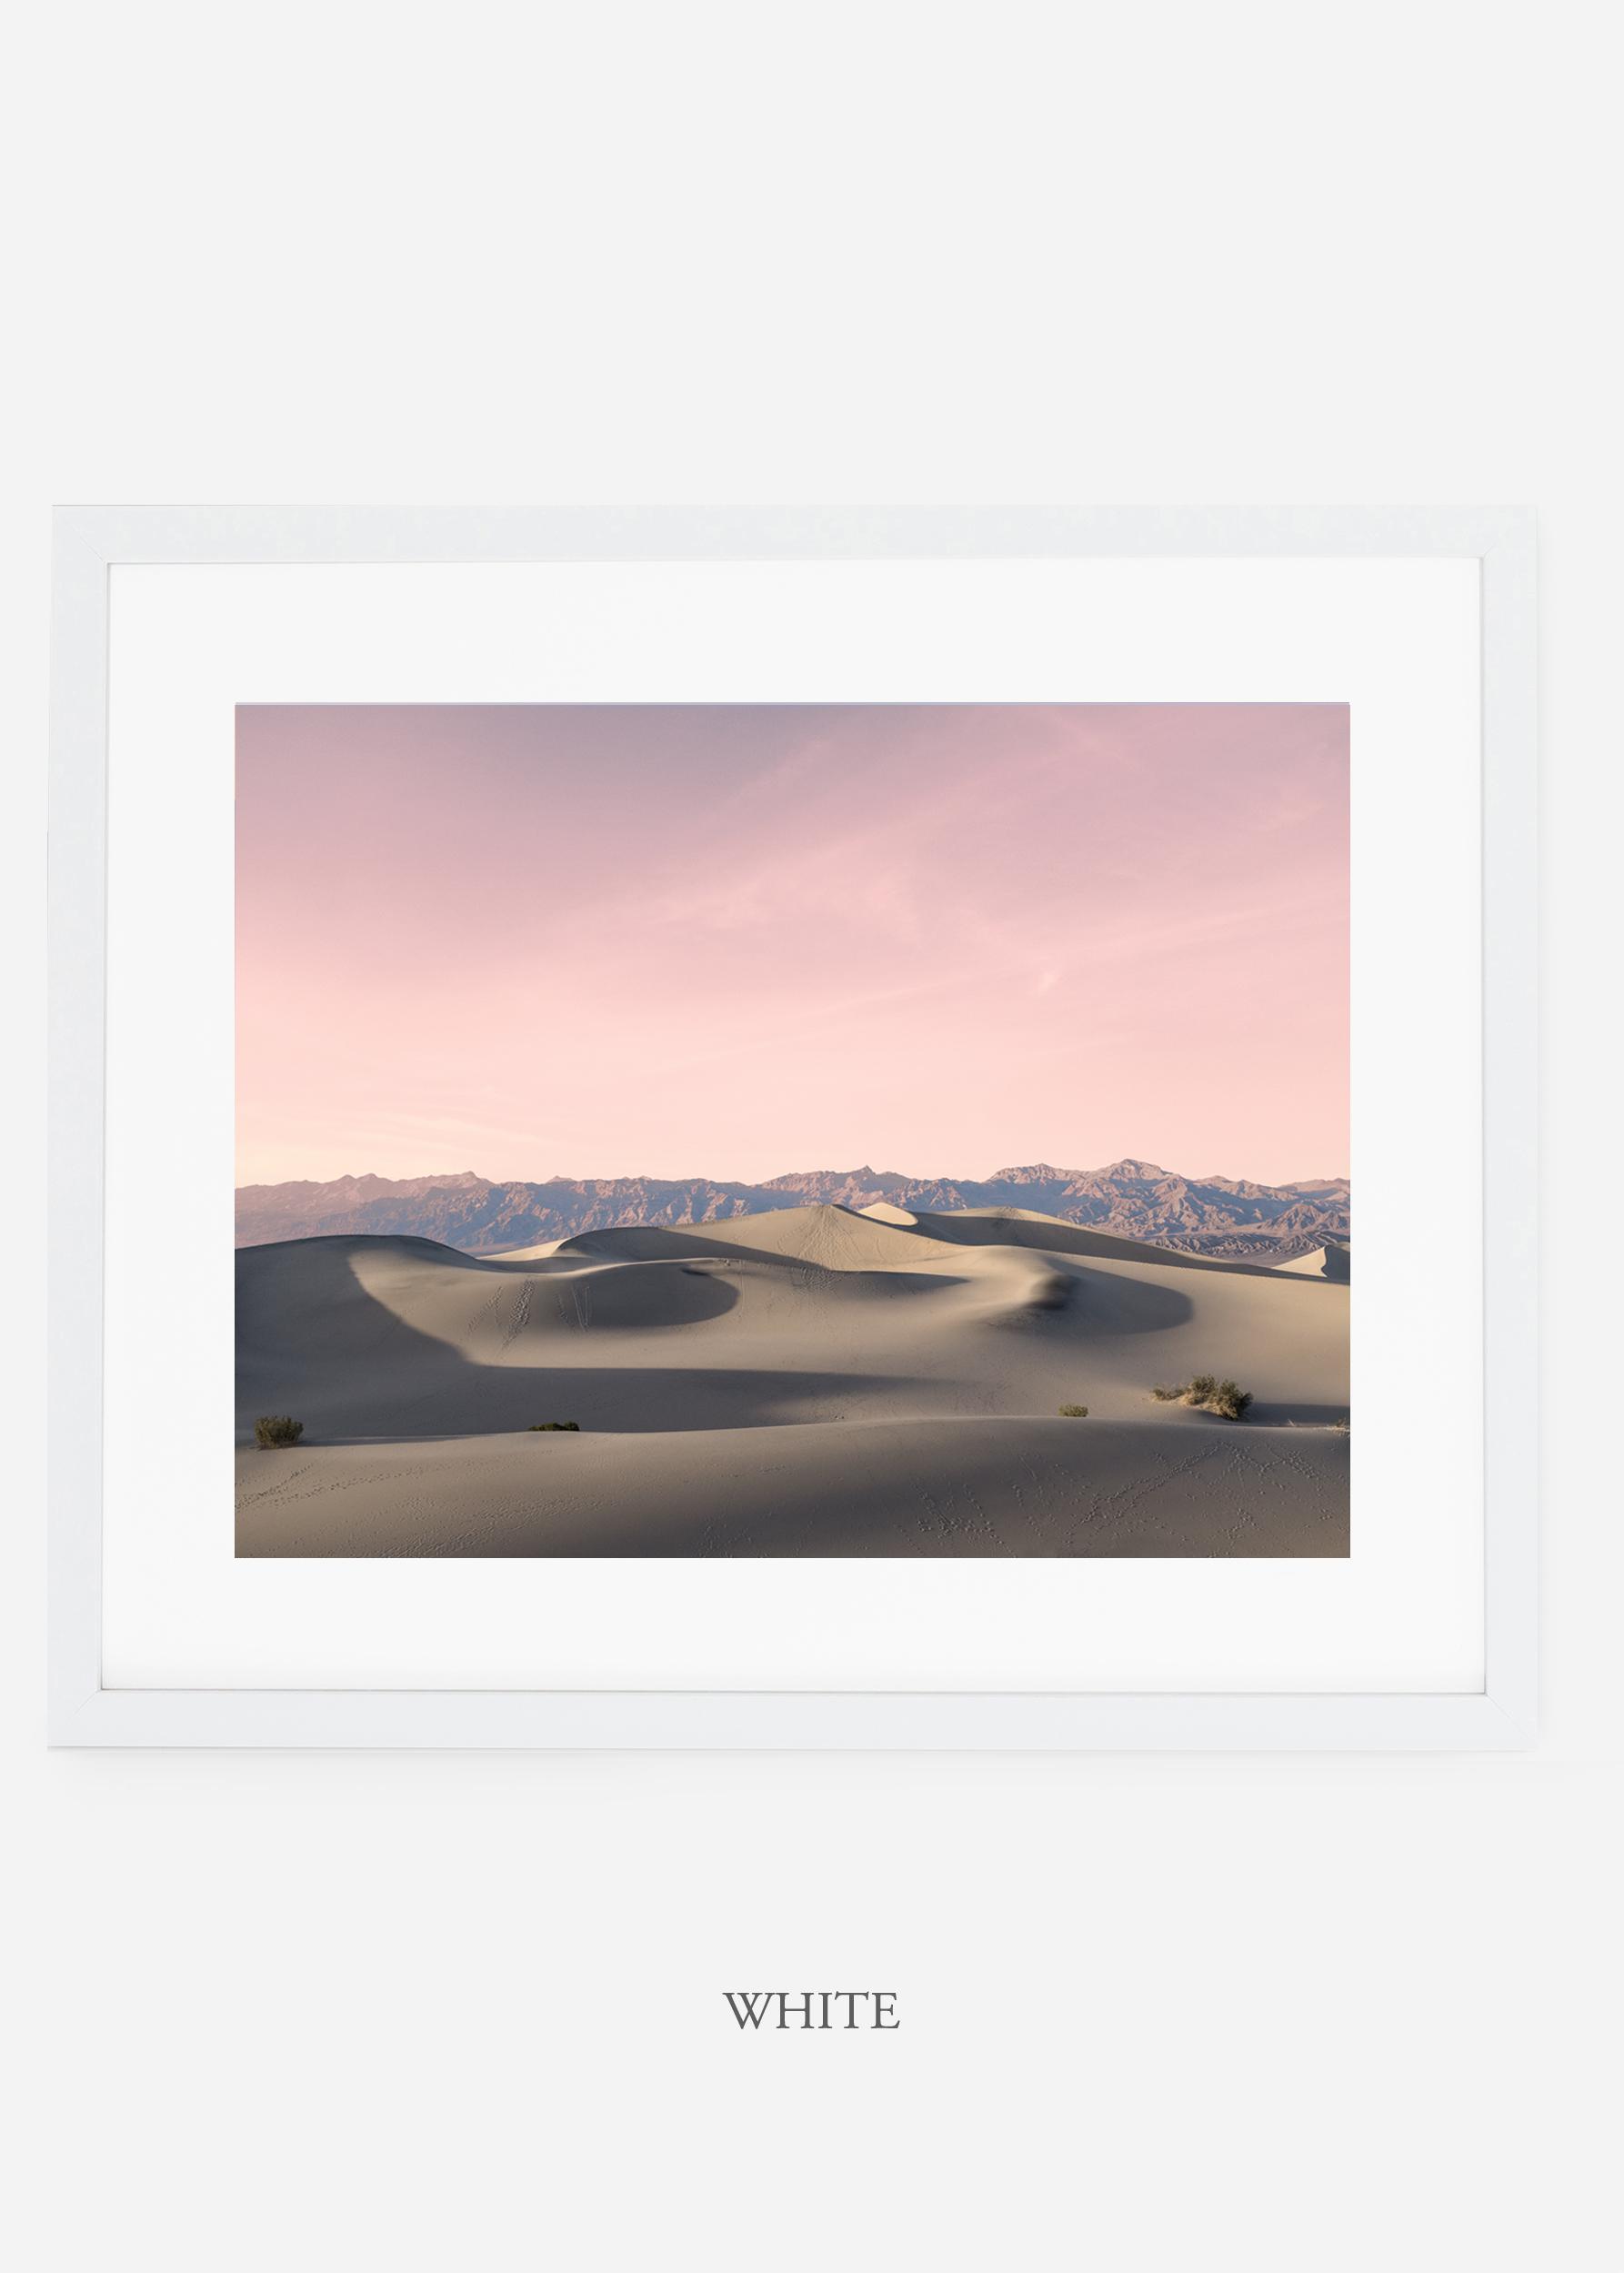 wildercalifornia_whiteframe_deathvalley_17_minimal_cactus_art_interiordesign_.jpg